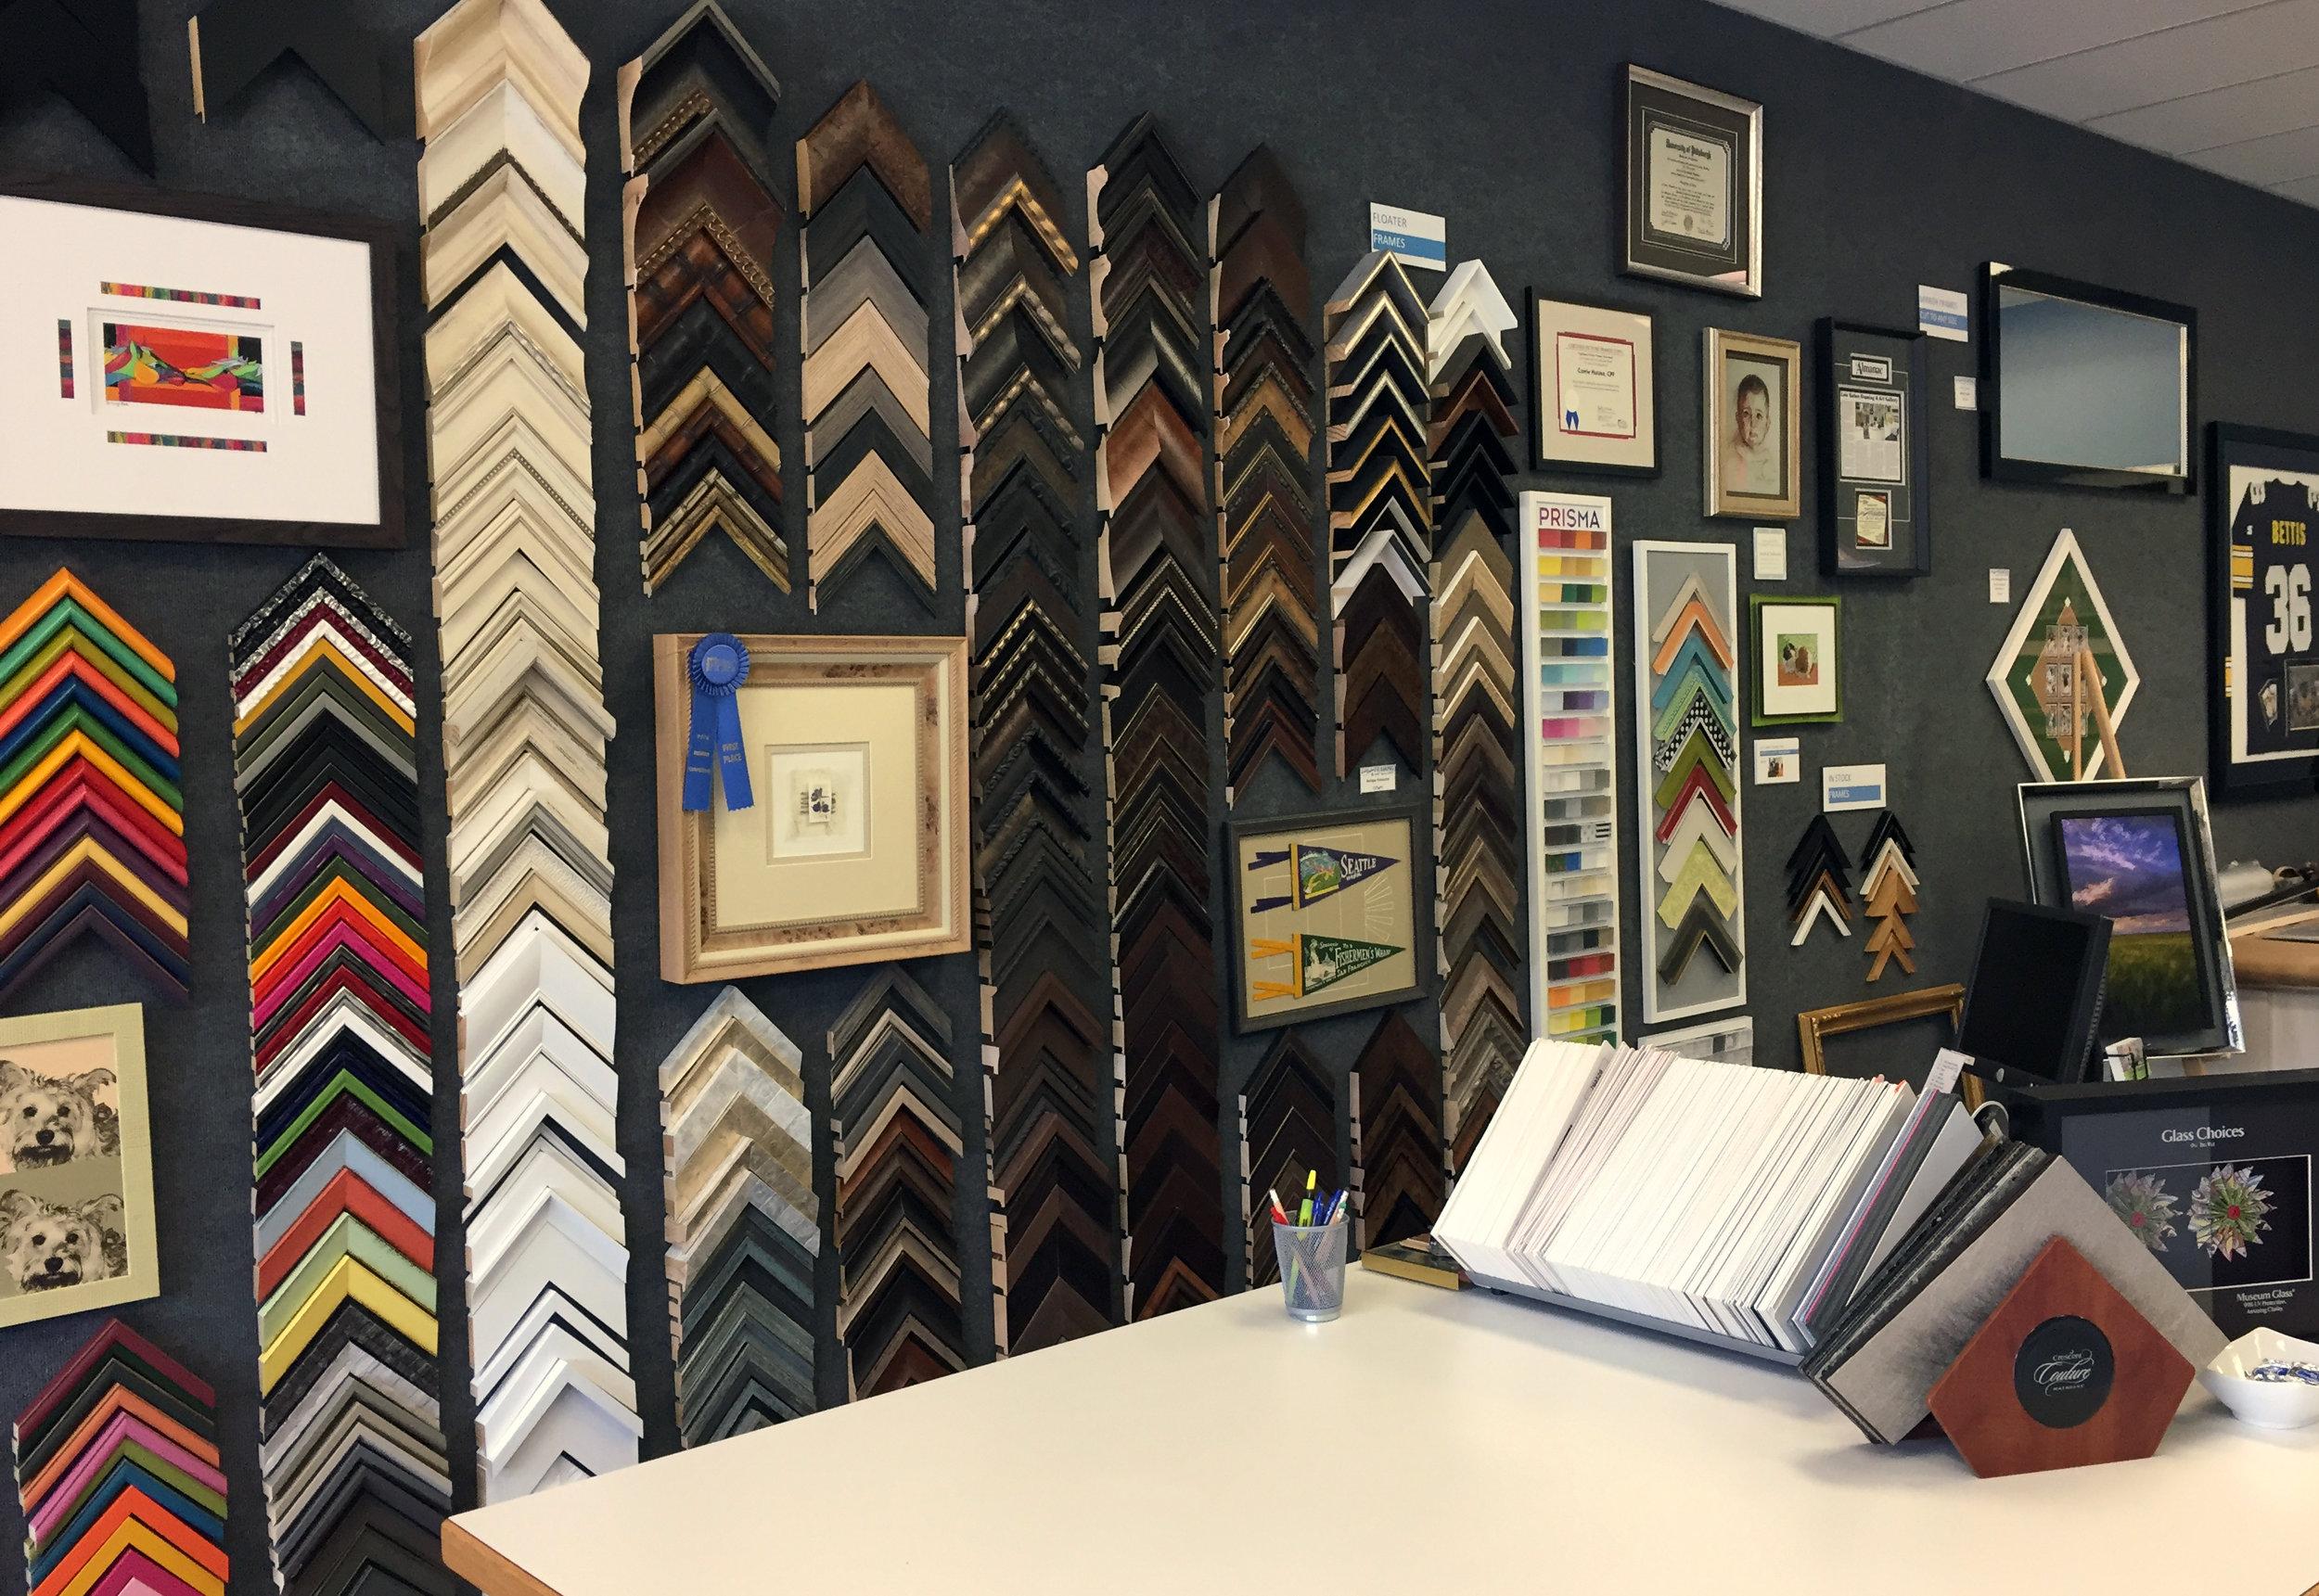 Lois Guinn Framing frame samples